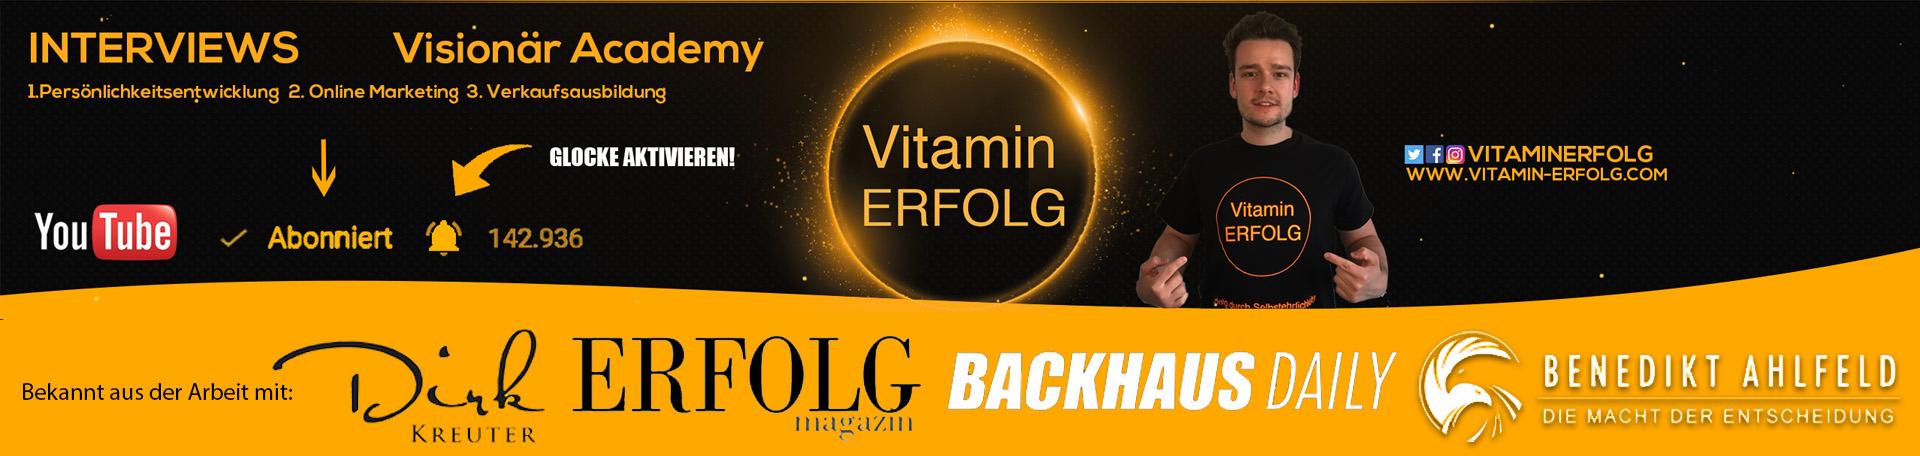 Vitaminerfolg Banner - Bekannt aus der arbeit mit Dirk Kreuter Erfolg Magazin Benedikt Ahlfeld Backhaus Daily